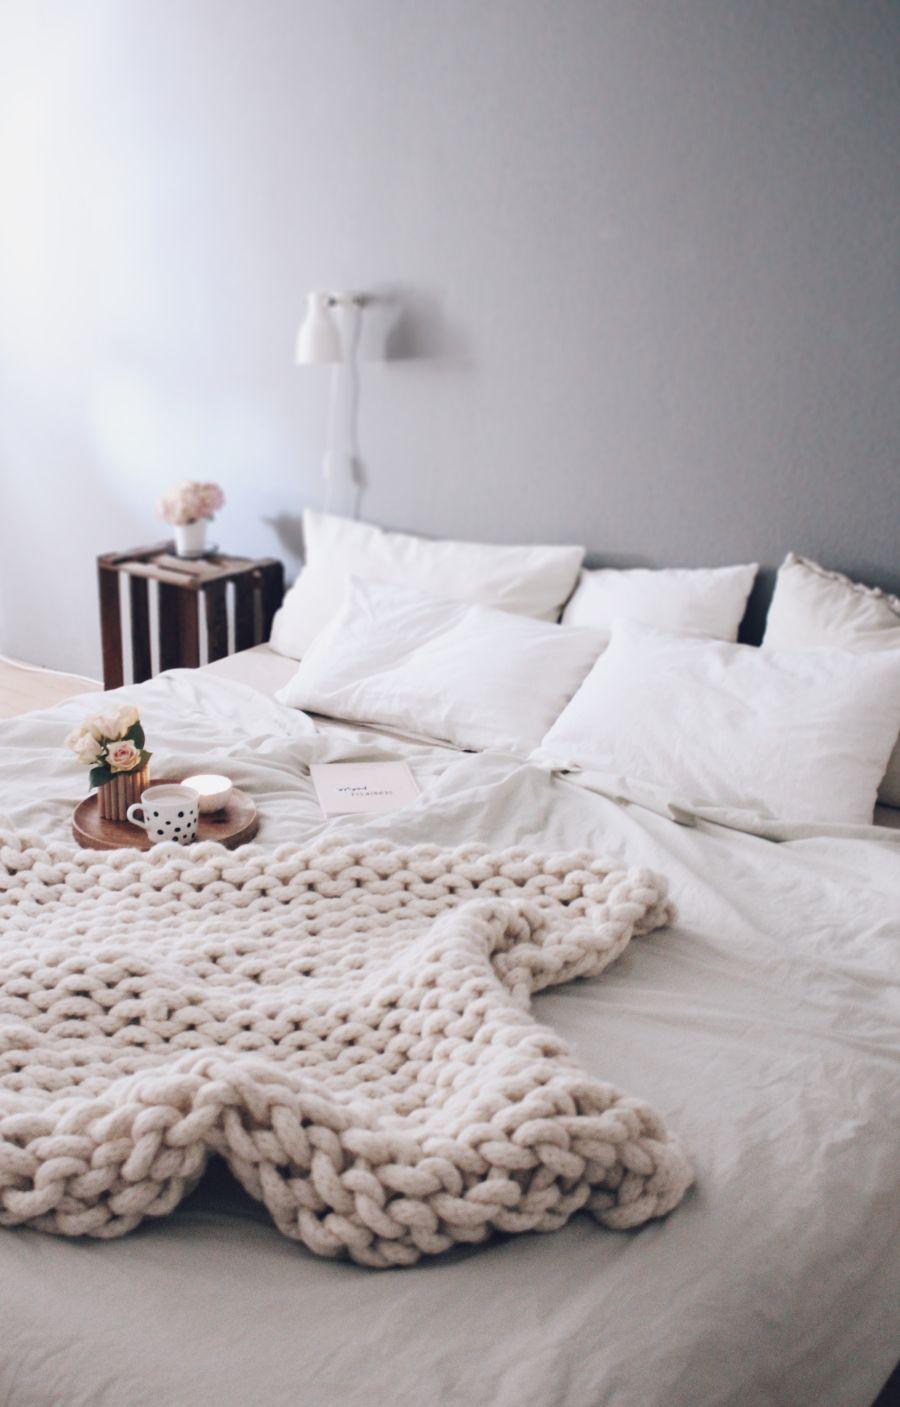 Schlafzimmer Ideen - Kleiner Einblick ins Schlafzimmer ...